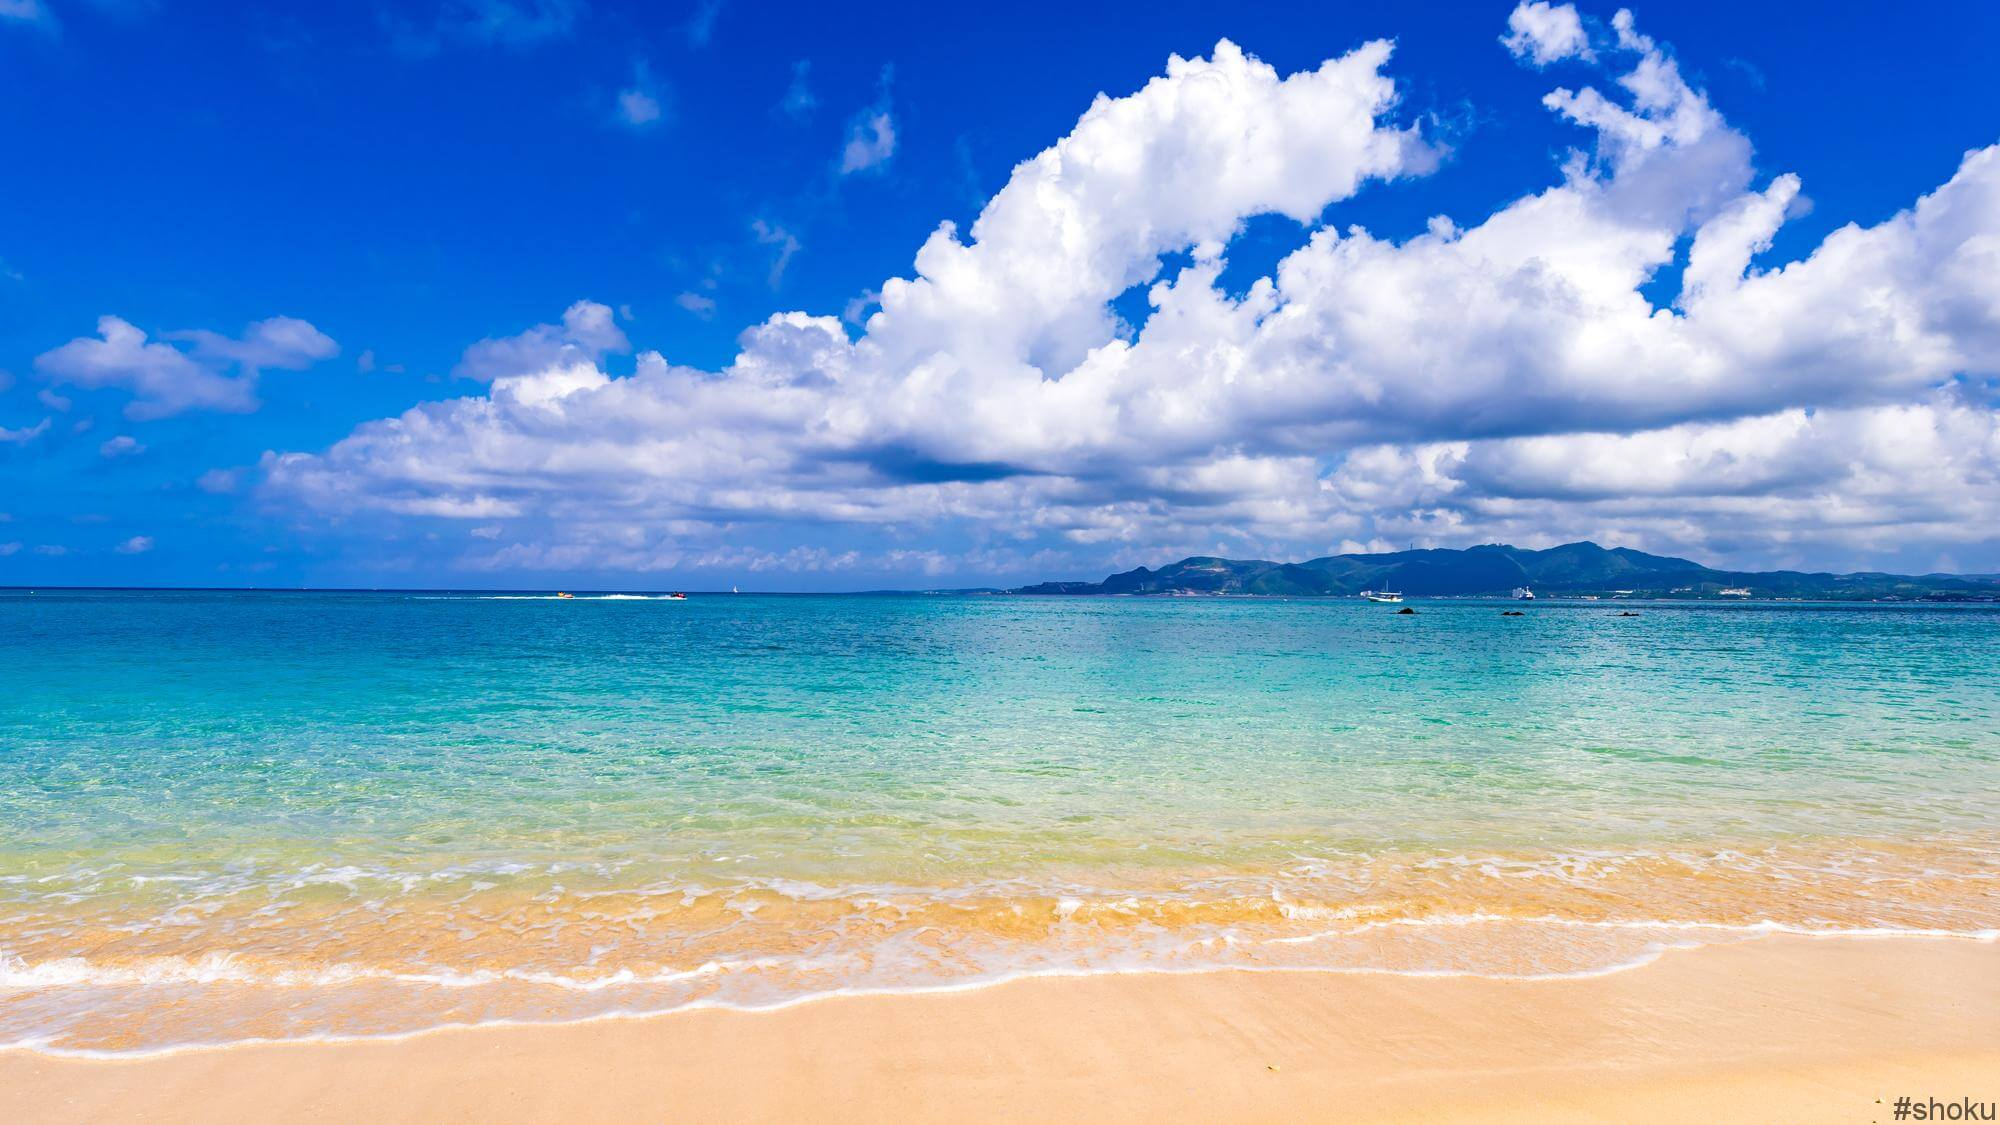 夏休みに行きたい南国の海